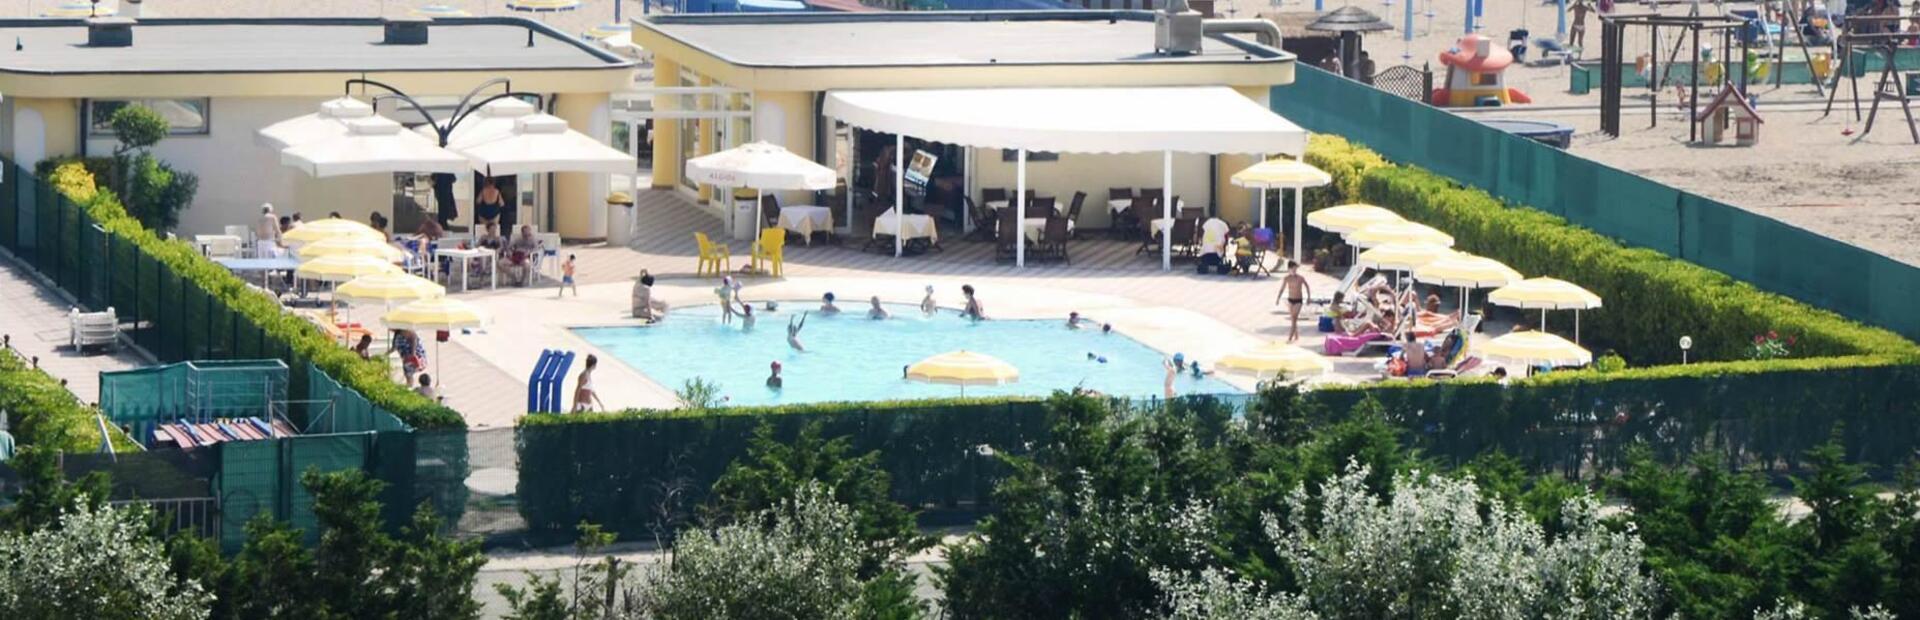 hotel-sole en pool-beach 001